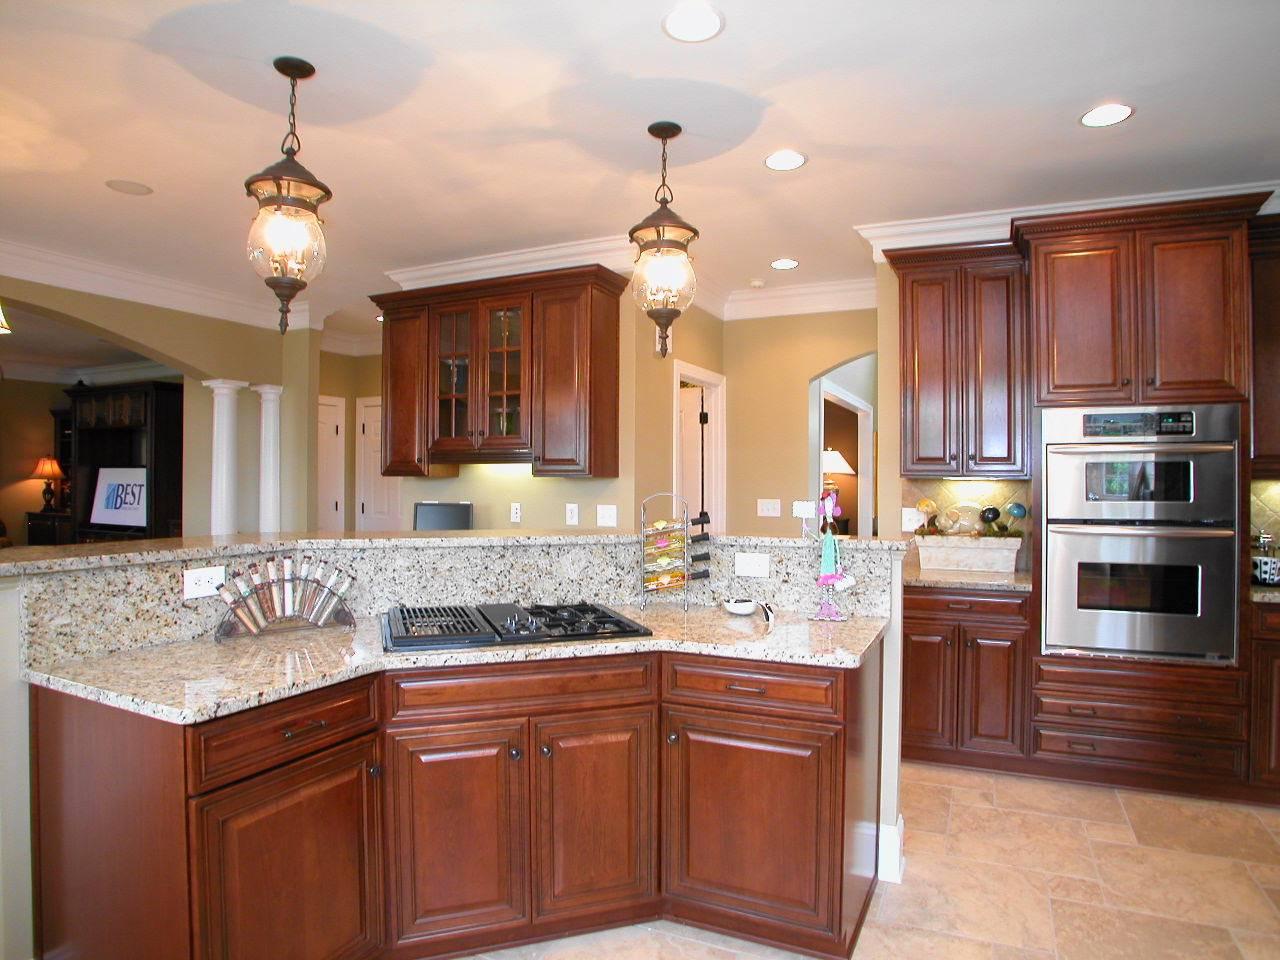 Paint Colors Open Concept Living Room Kitchen House Plans 46195